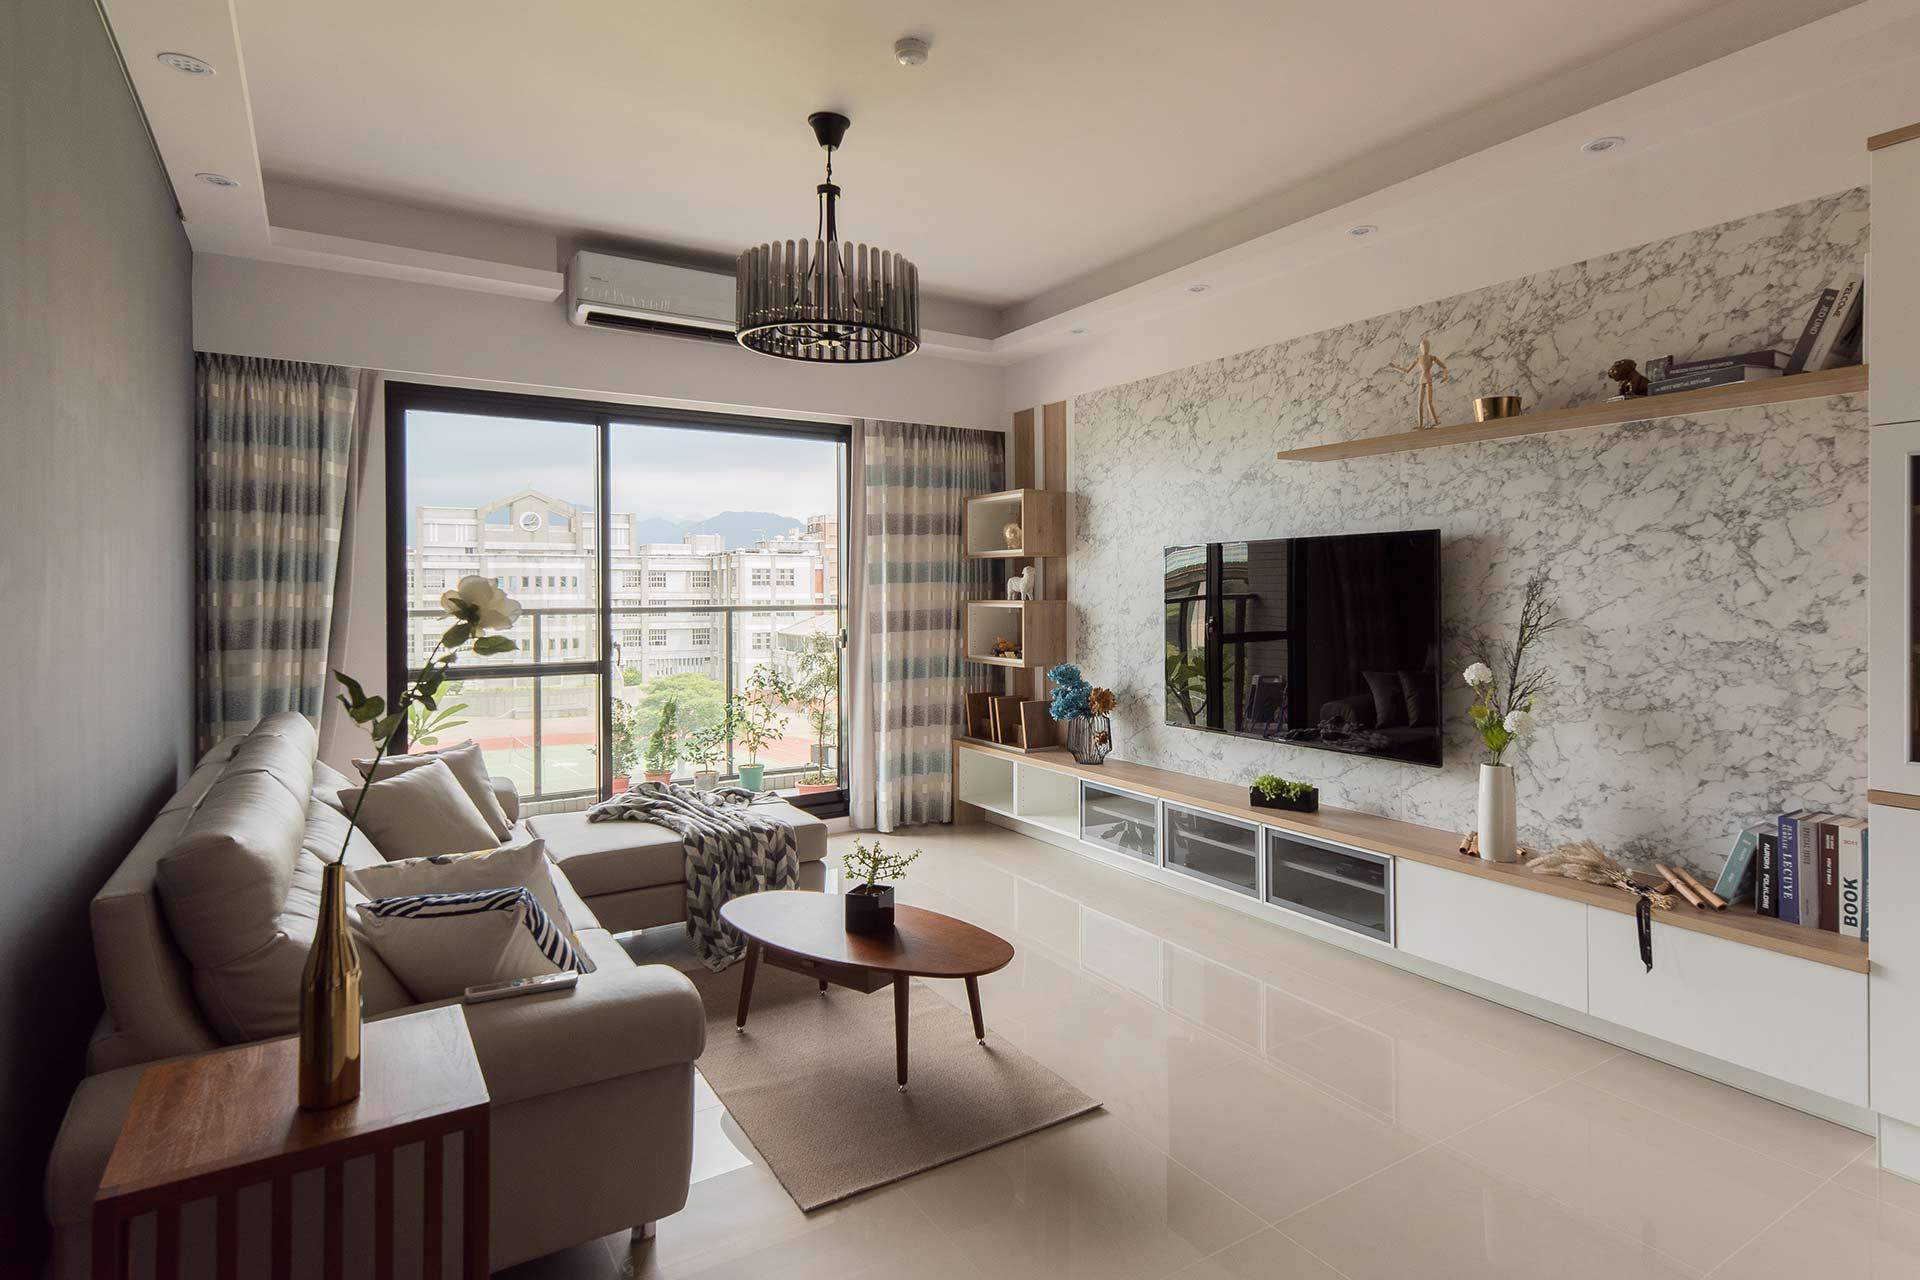 新屋裝潢預算怎麼抓?